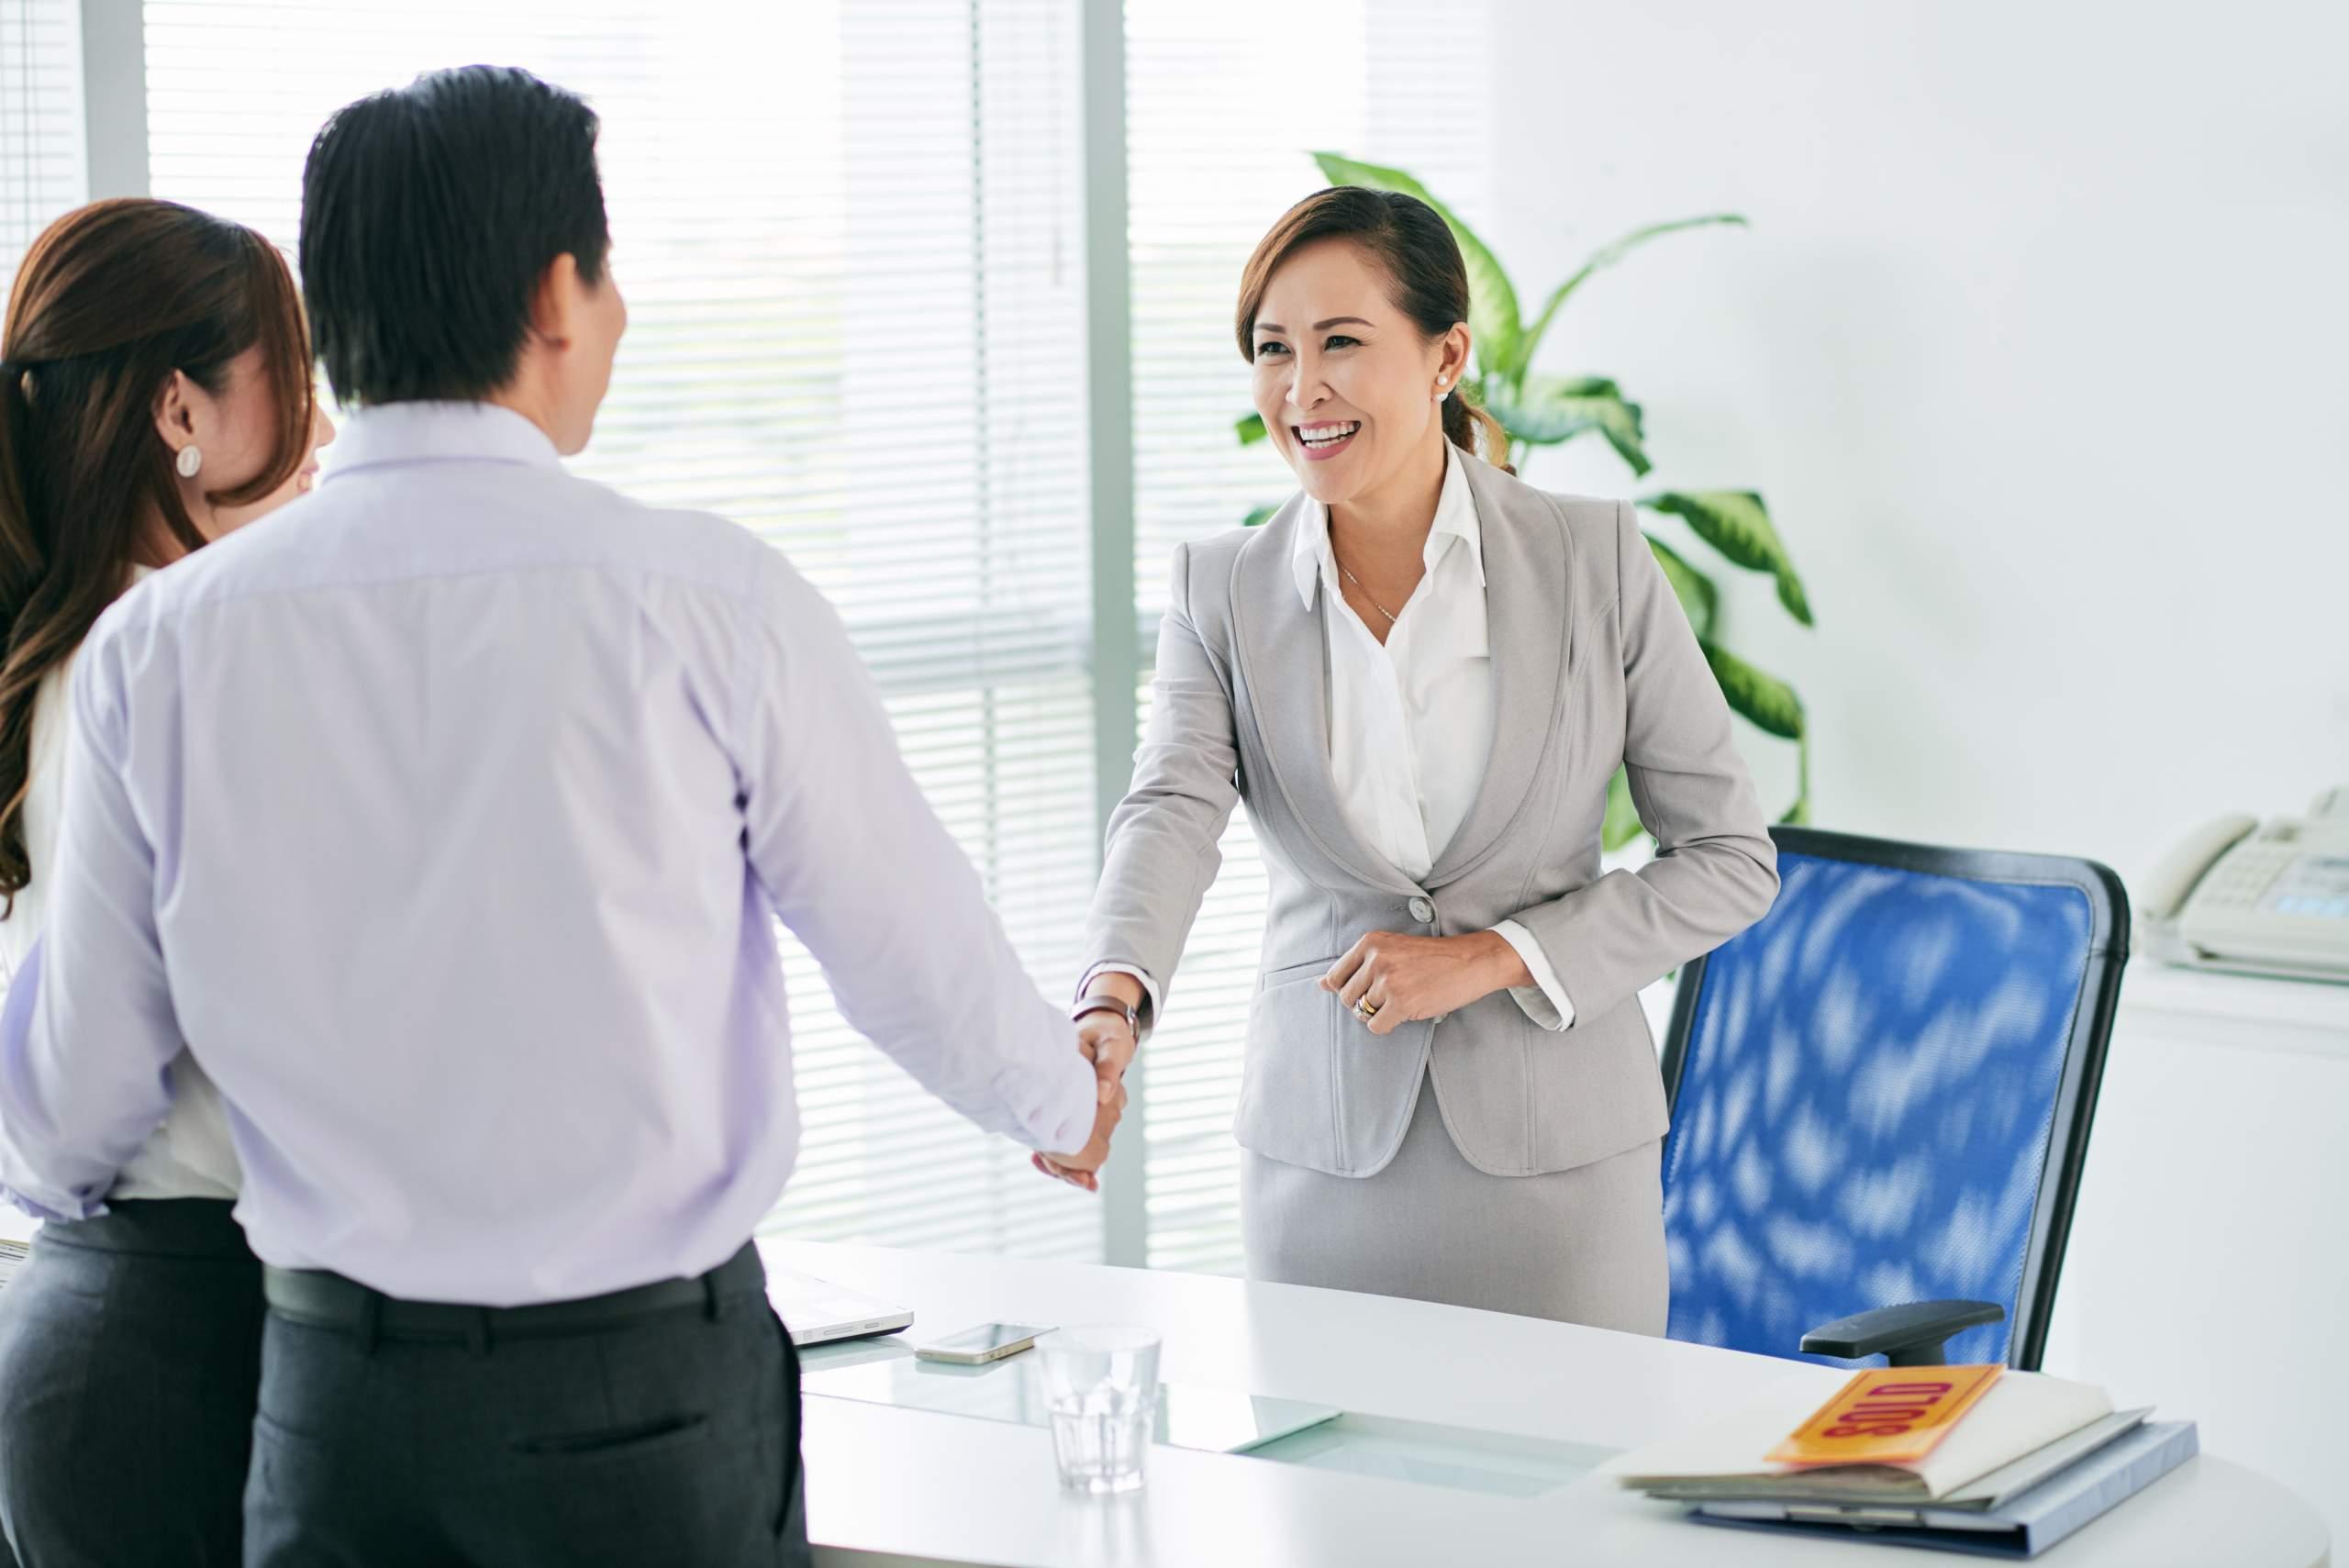 colorado mortgage company questions